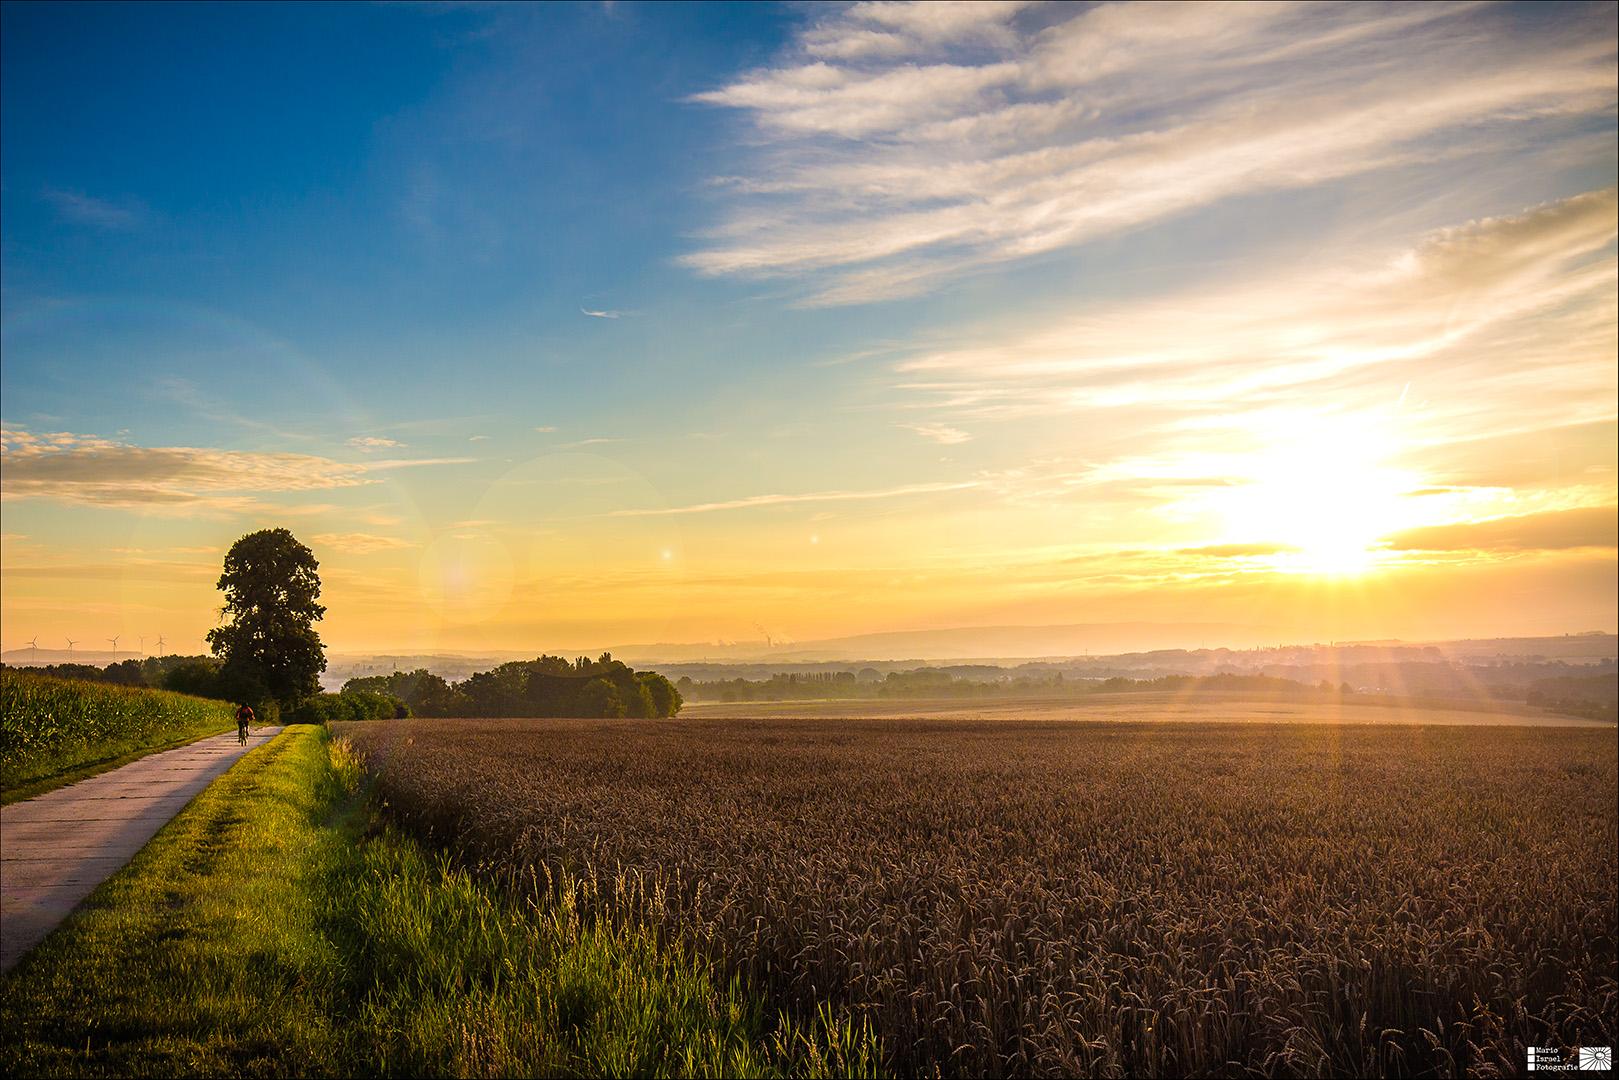 Napolenoslinde, Mittelweg und Sonnenaufgang